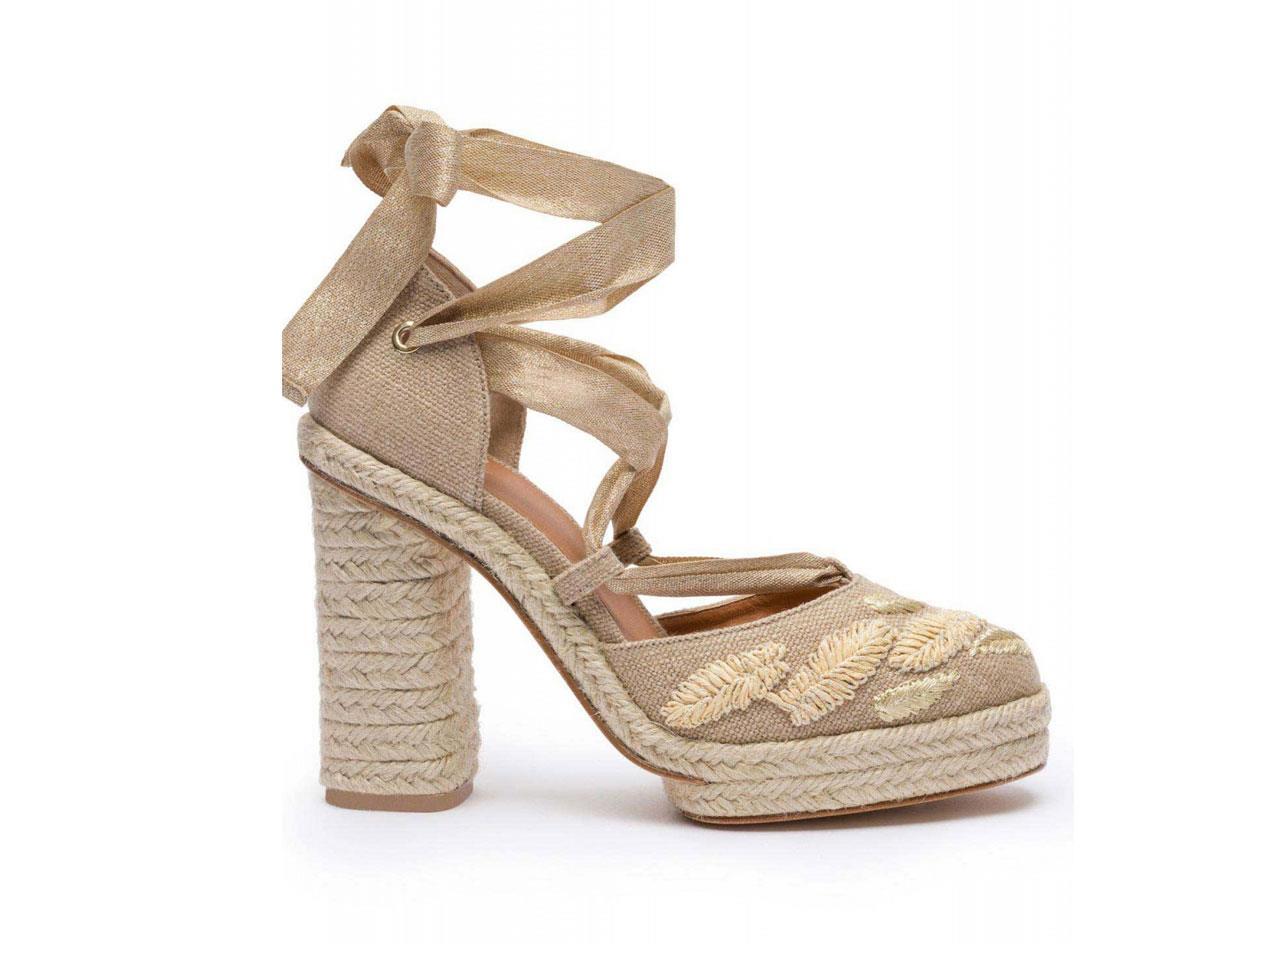 mejores zapatillas de deporte a6a77 9800b Estos zapatos de marca están muy rebajados en El Corte Inglés